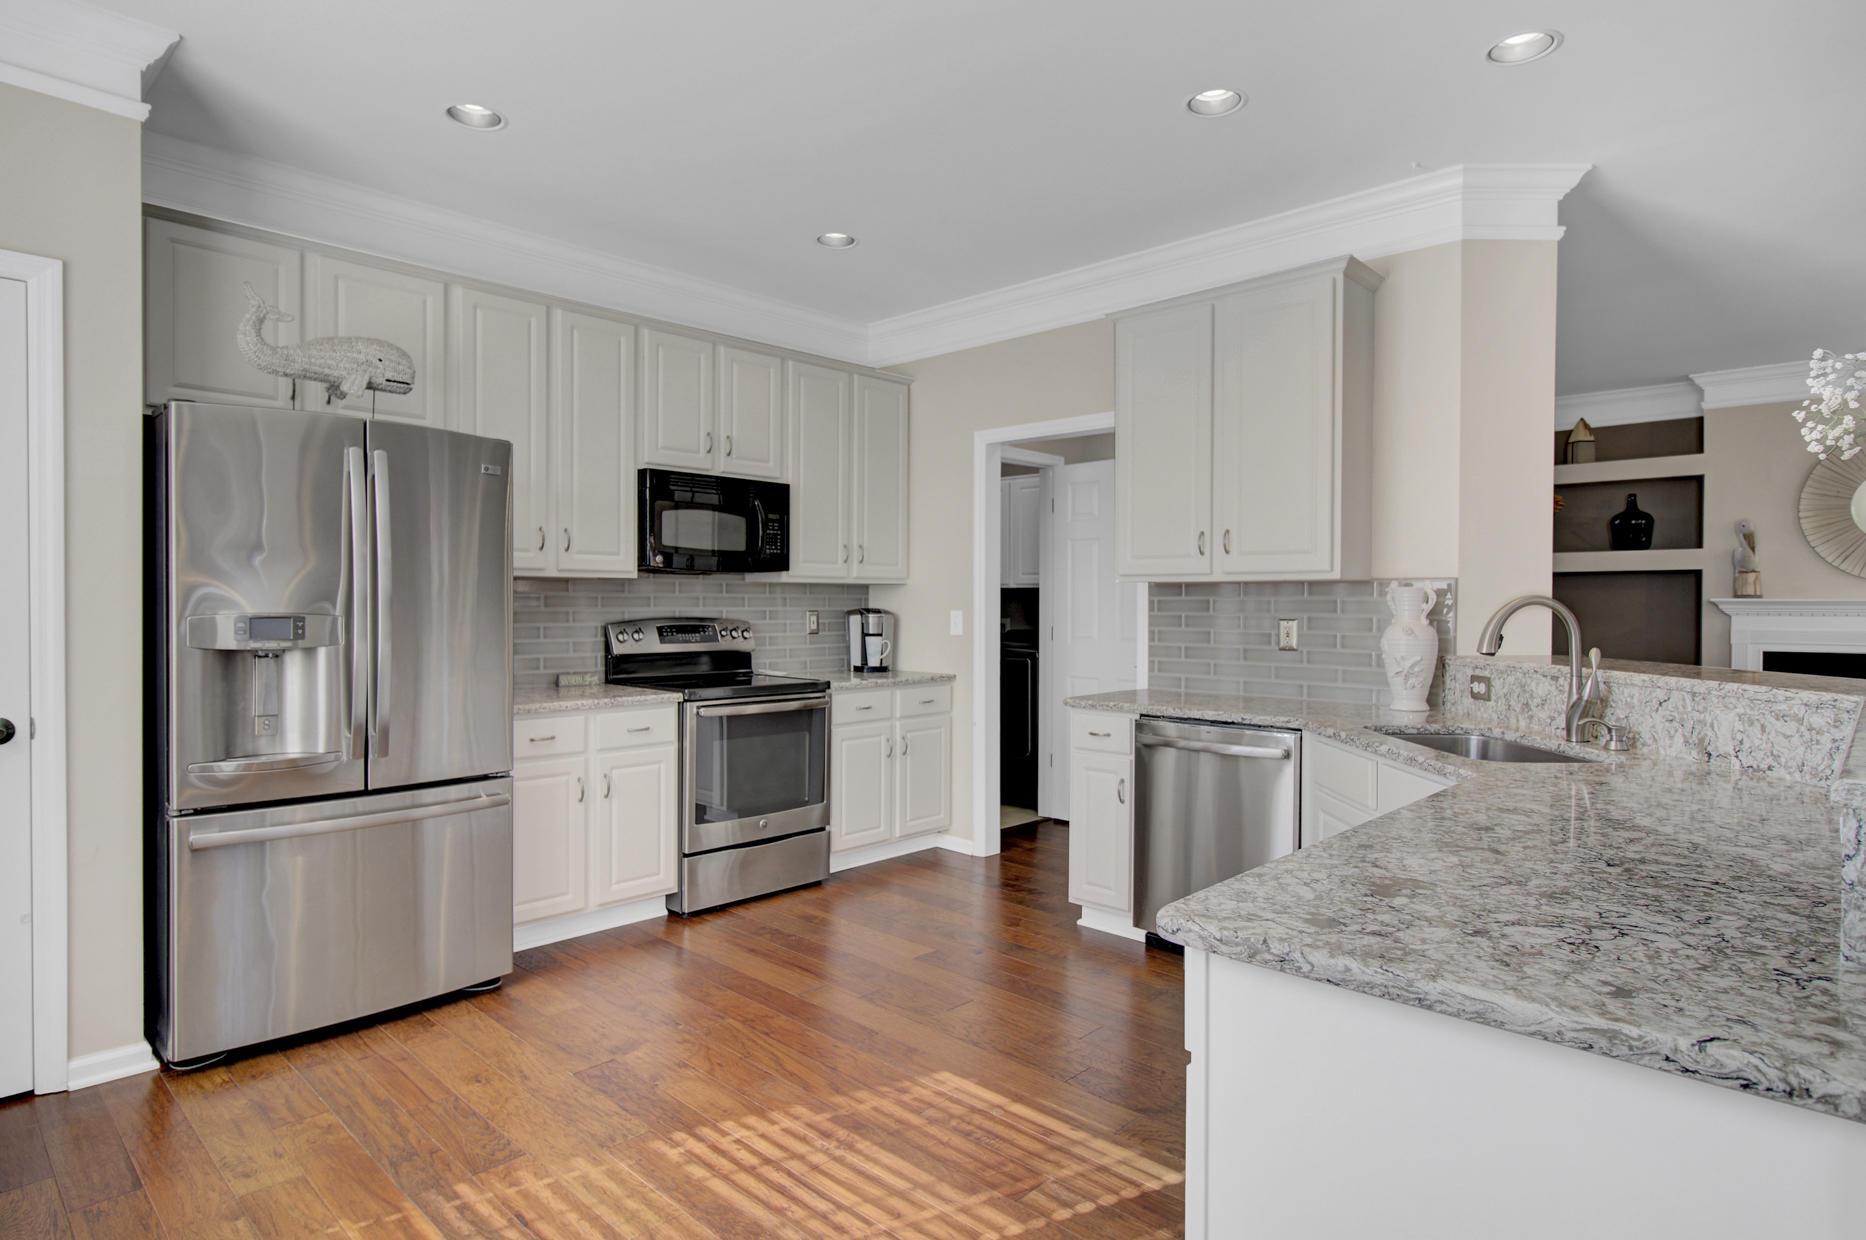 Park West Homes For Sale - 1497 Endicot, Mount Pleasant, SC - 6